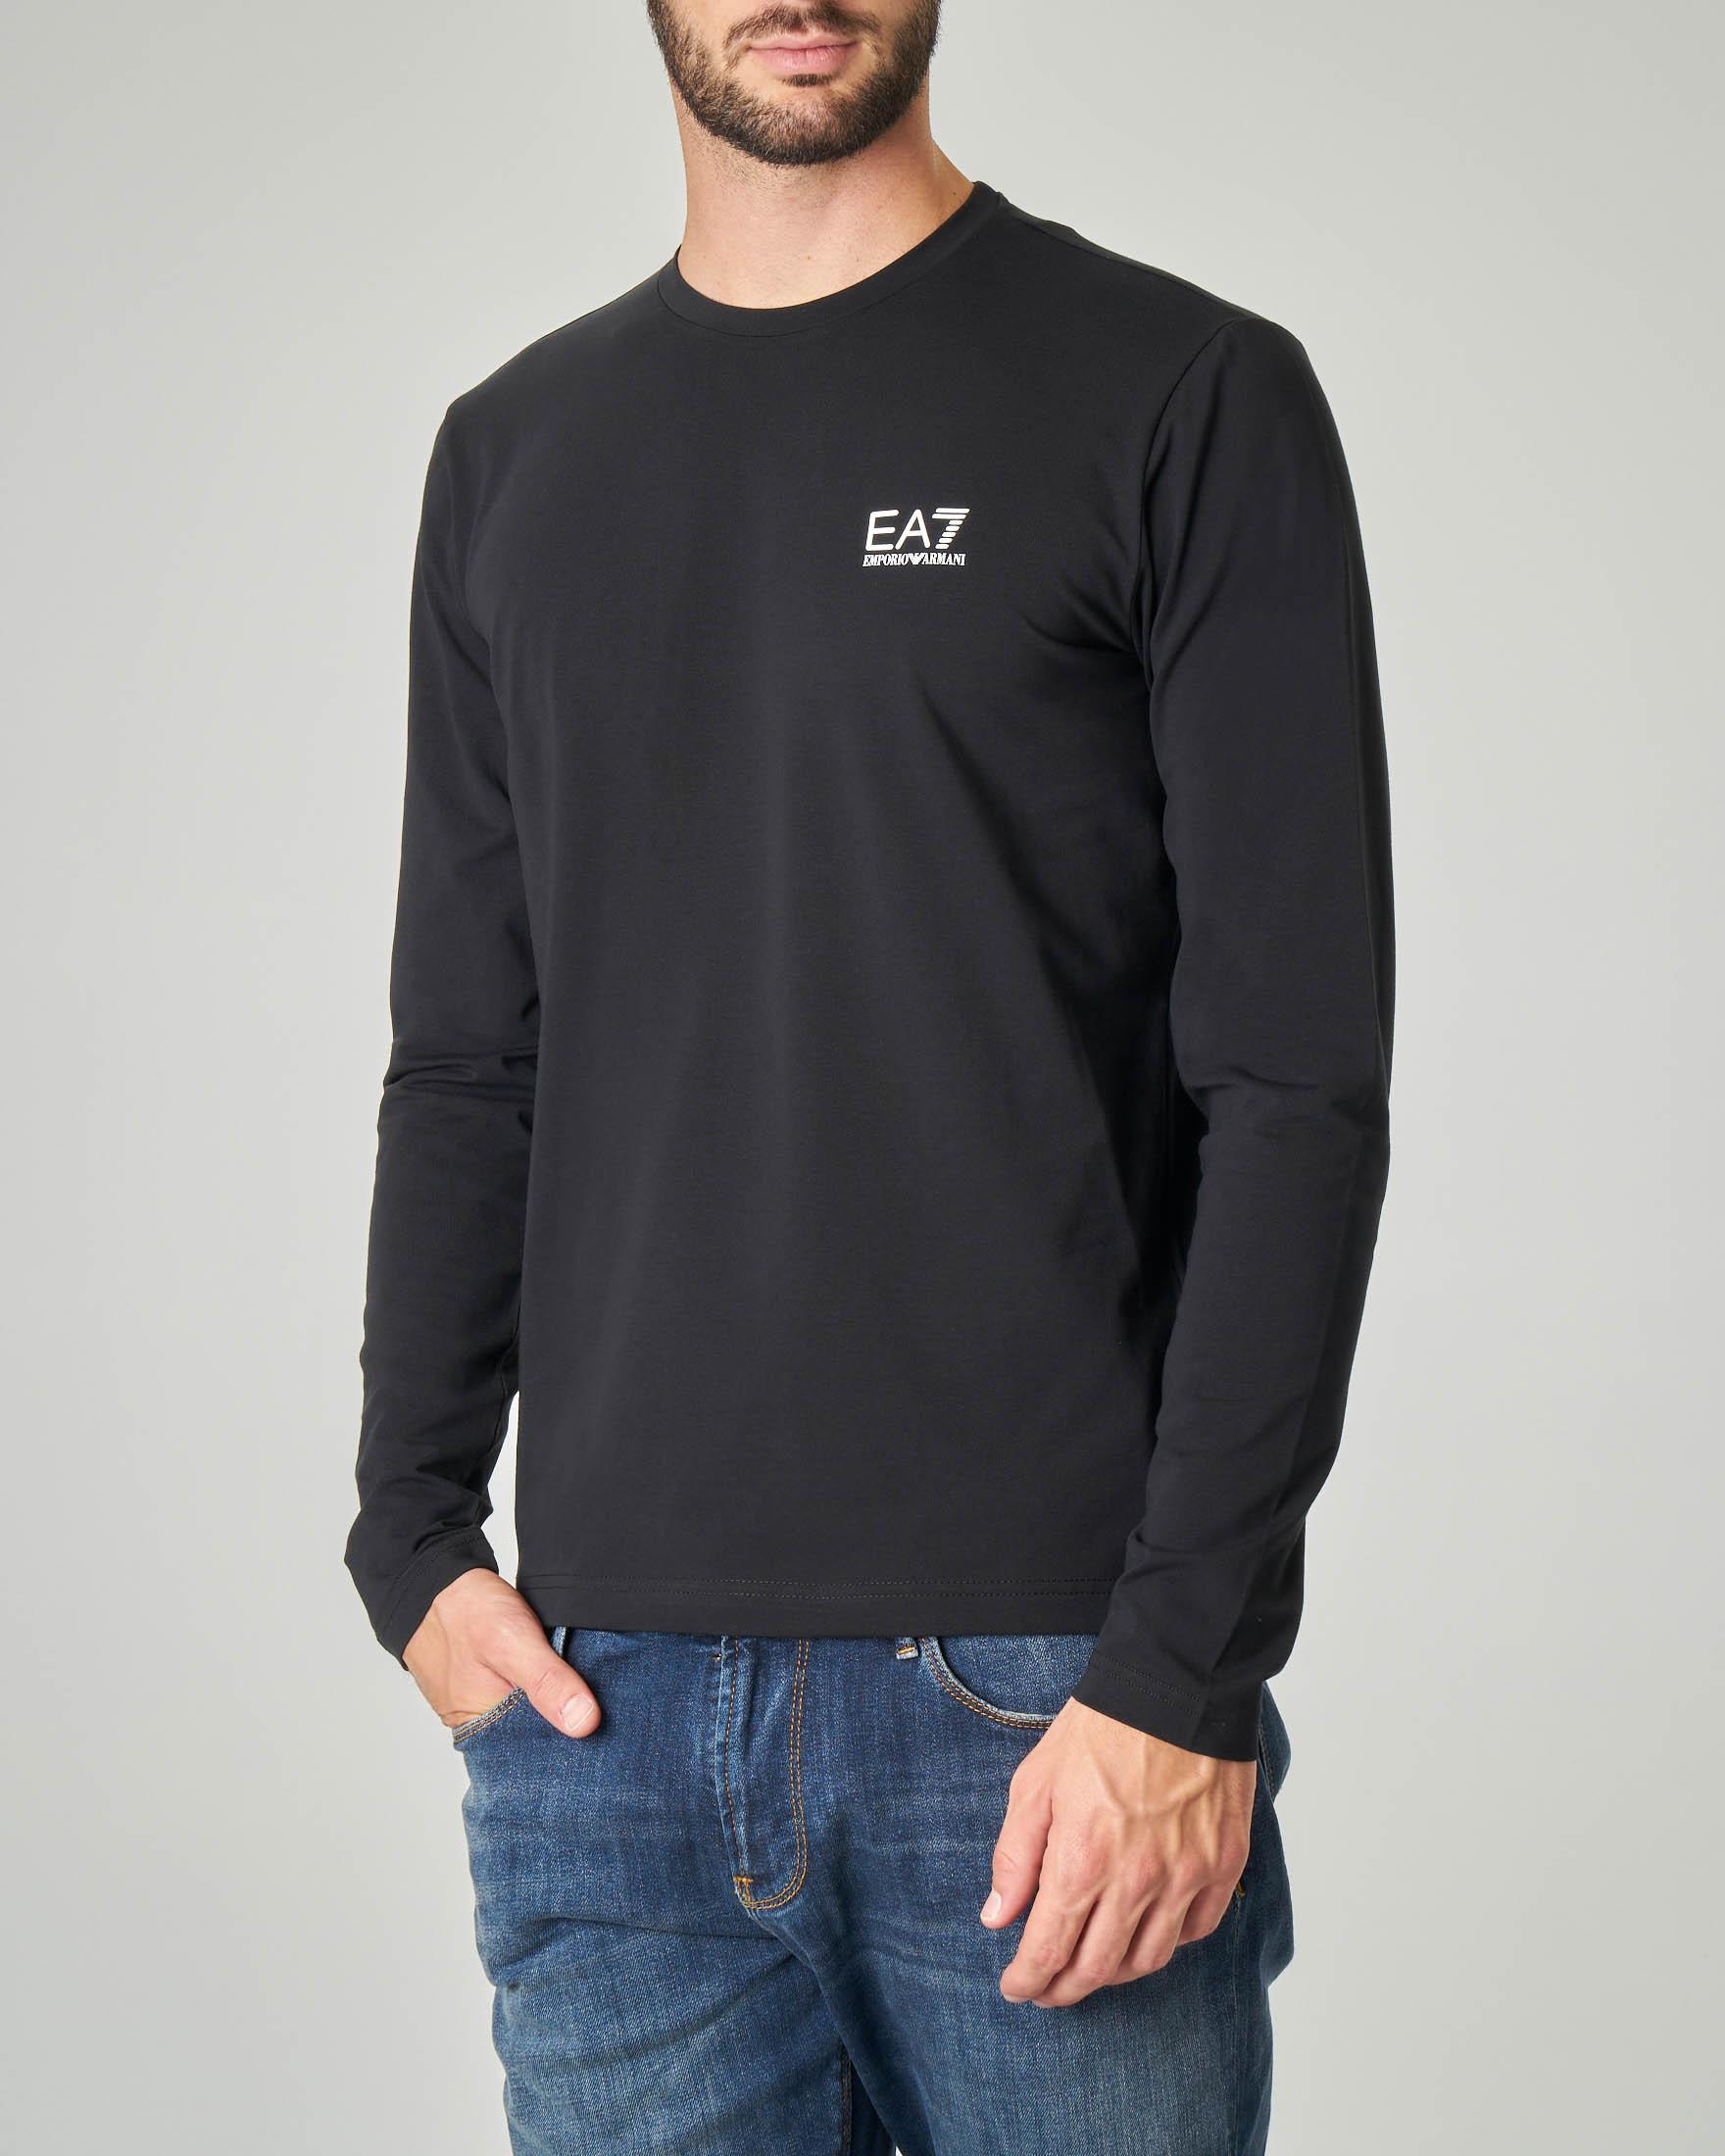 T-shirt nera manica lunga in cotone stretch